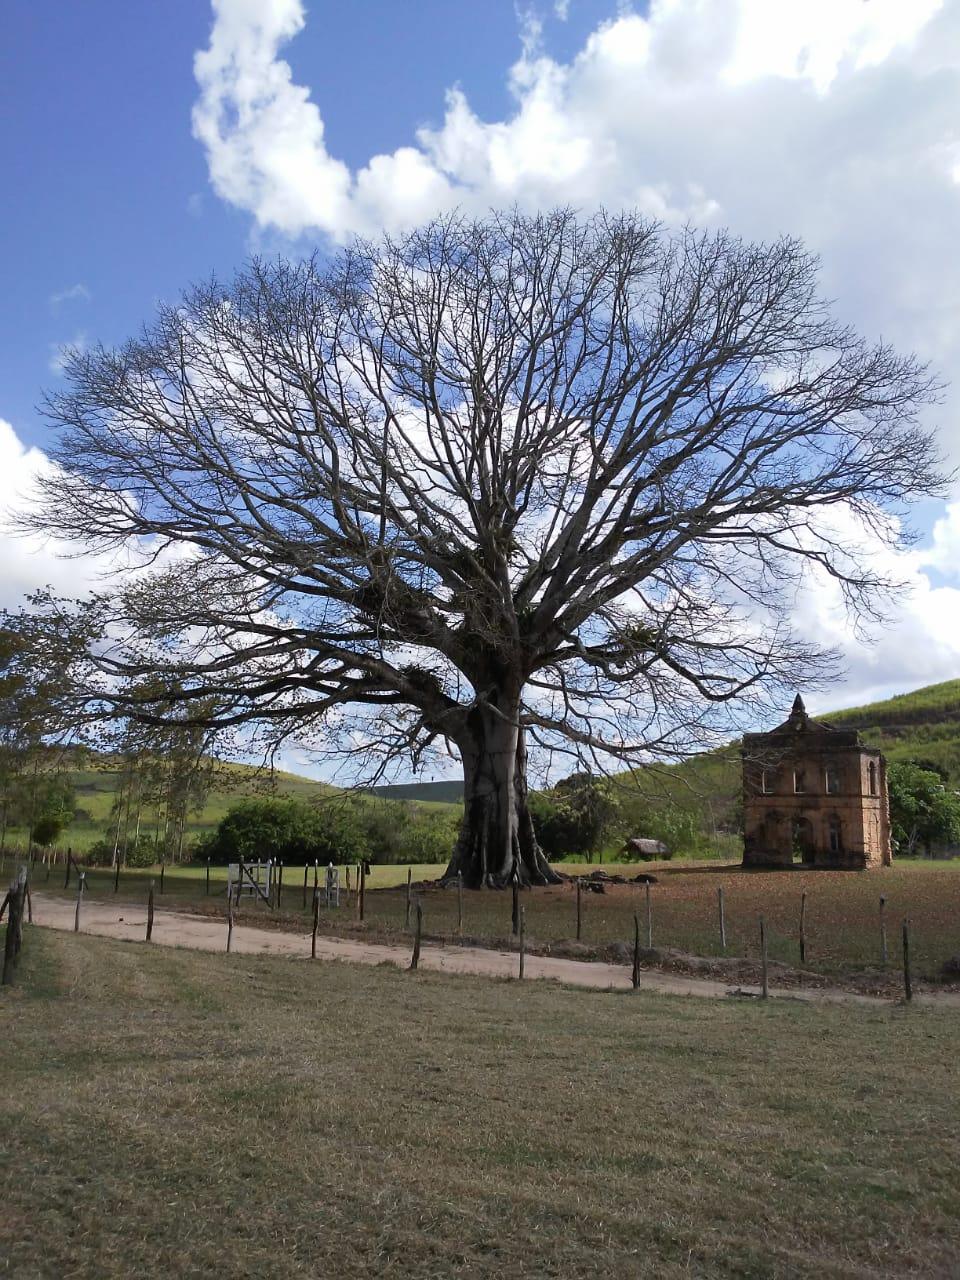 Visita a árvore Sumaúma, a maior árvore do Estado de Alagoas